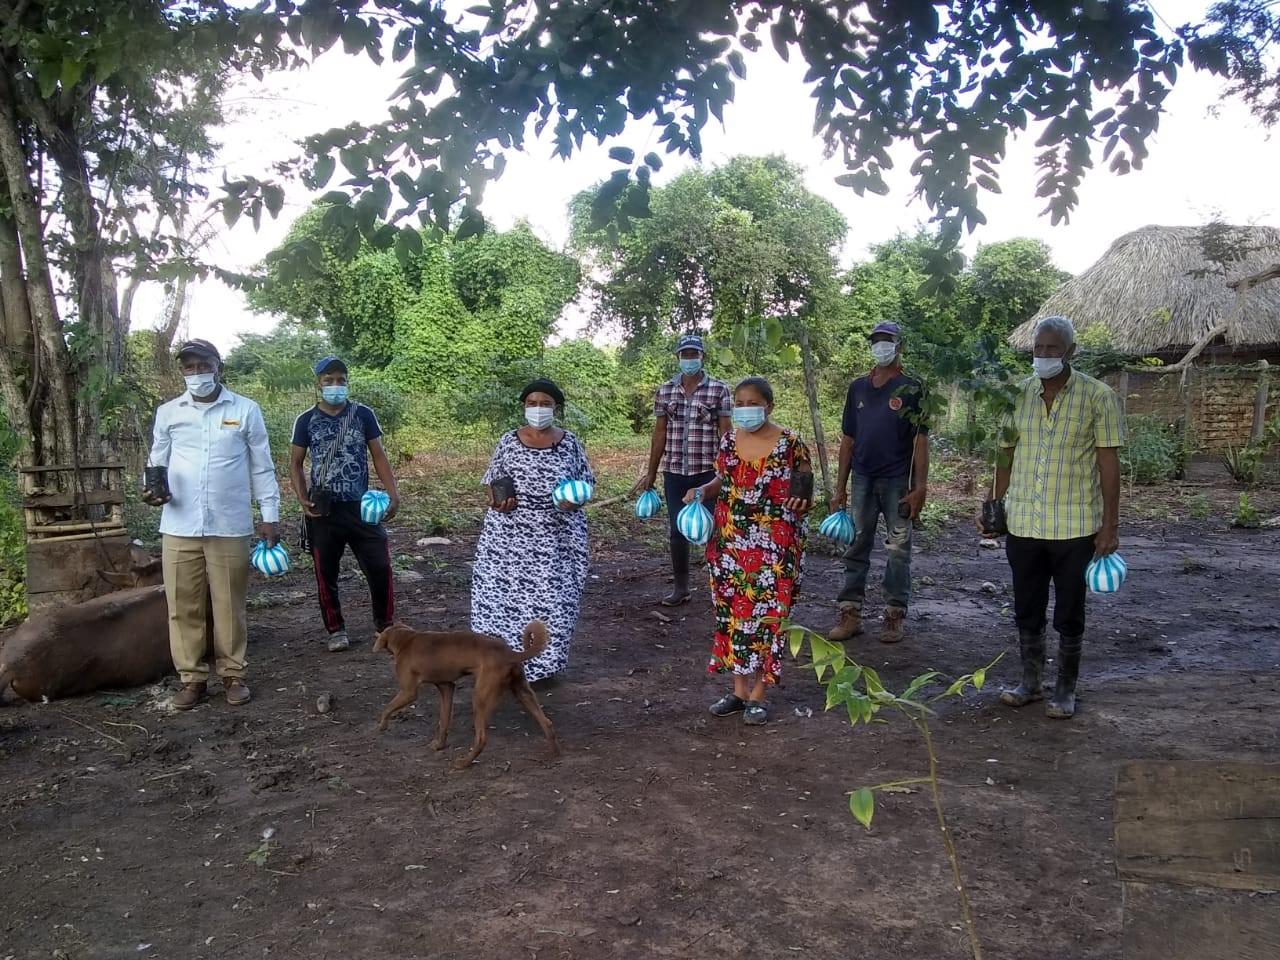 hoyennoticia.com, Vecinos de la zona recibiendo árboles e insumos